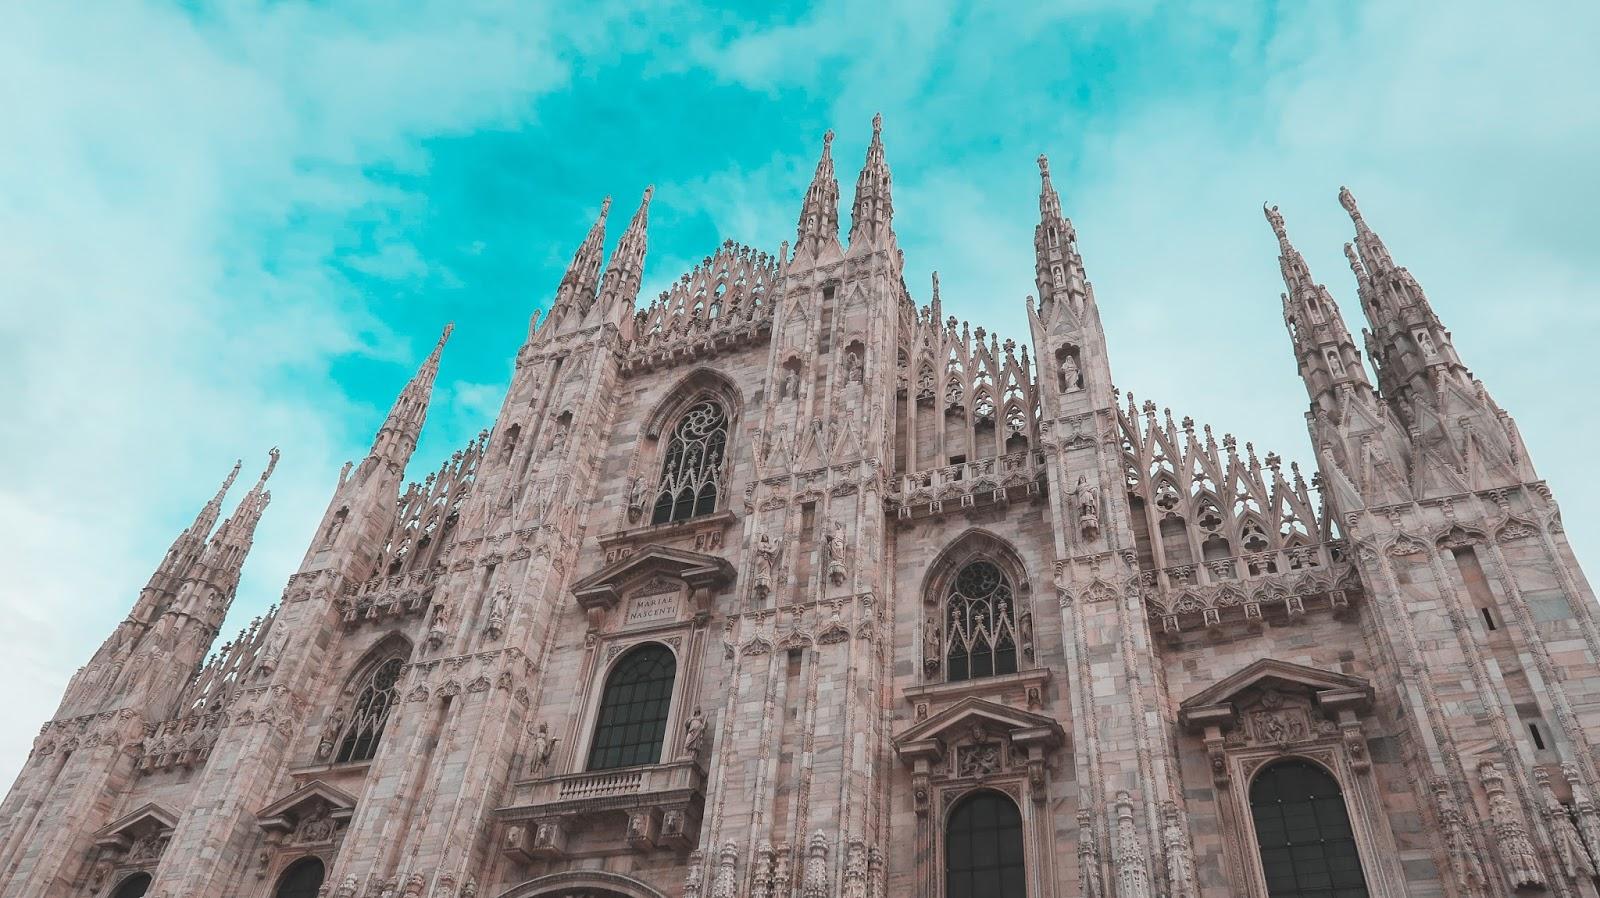 Milão, Itália: roteiro de 24 horas